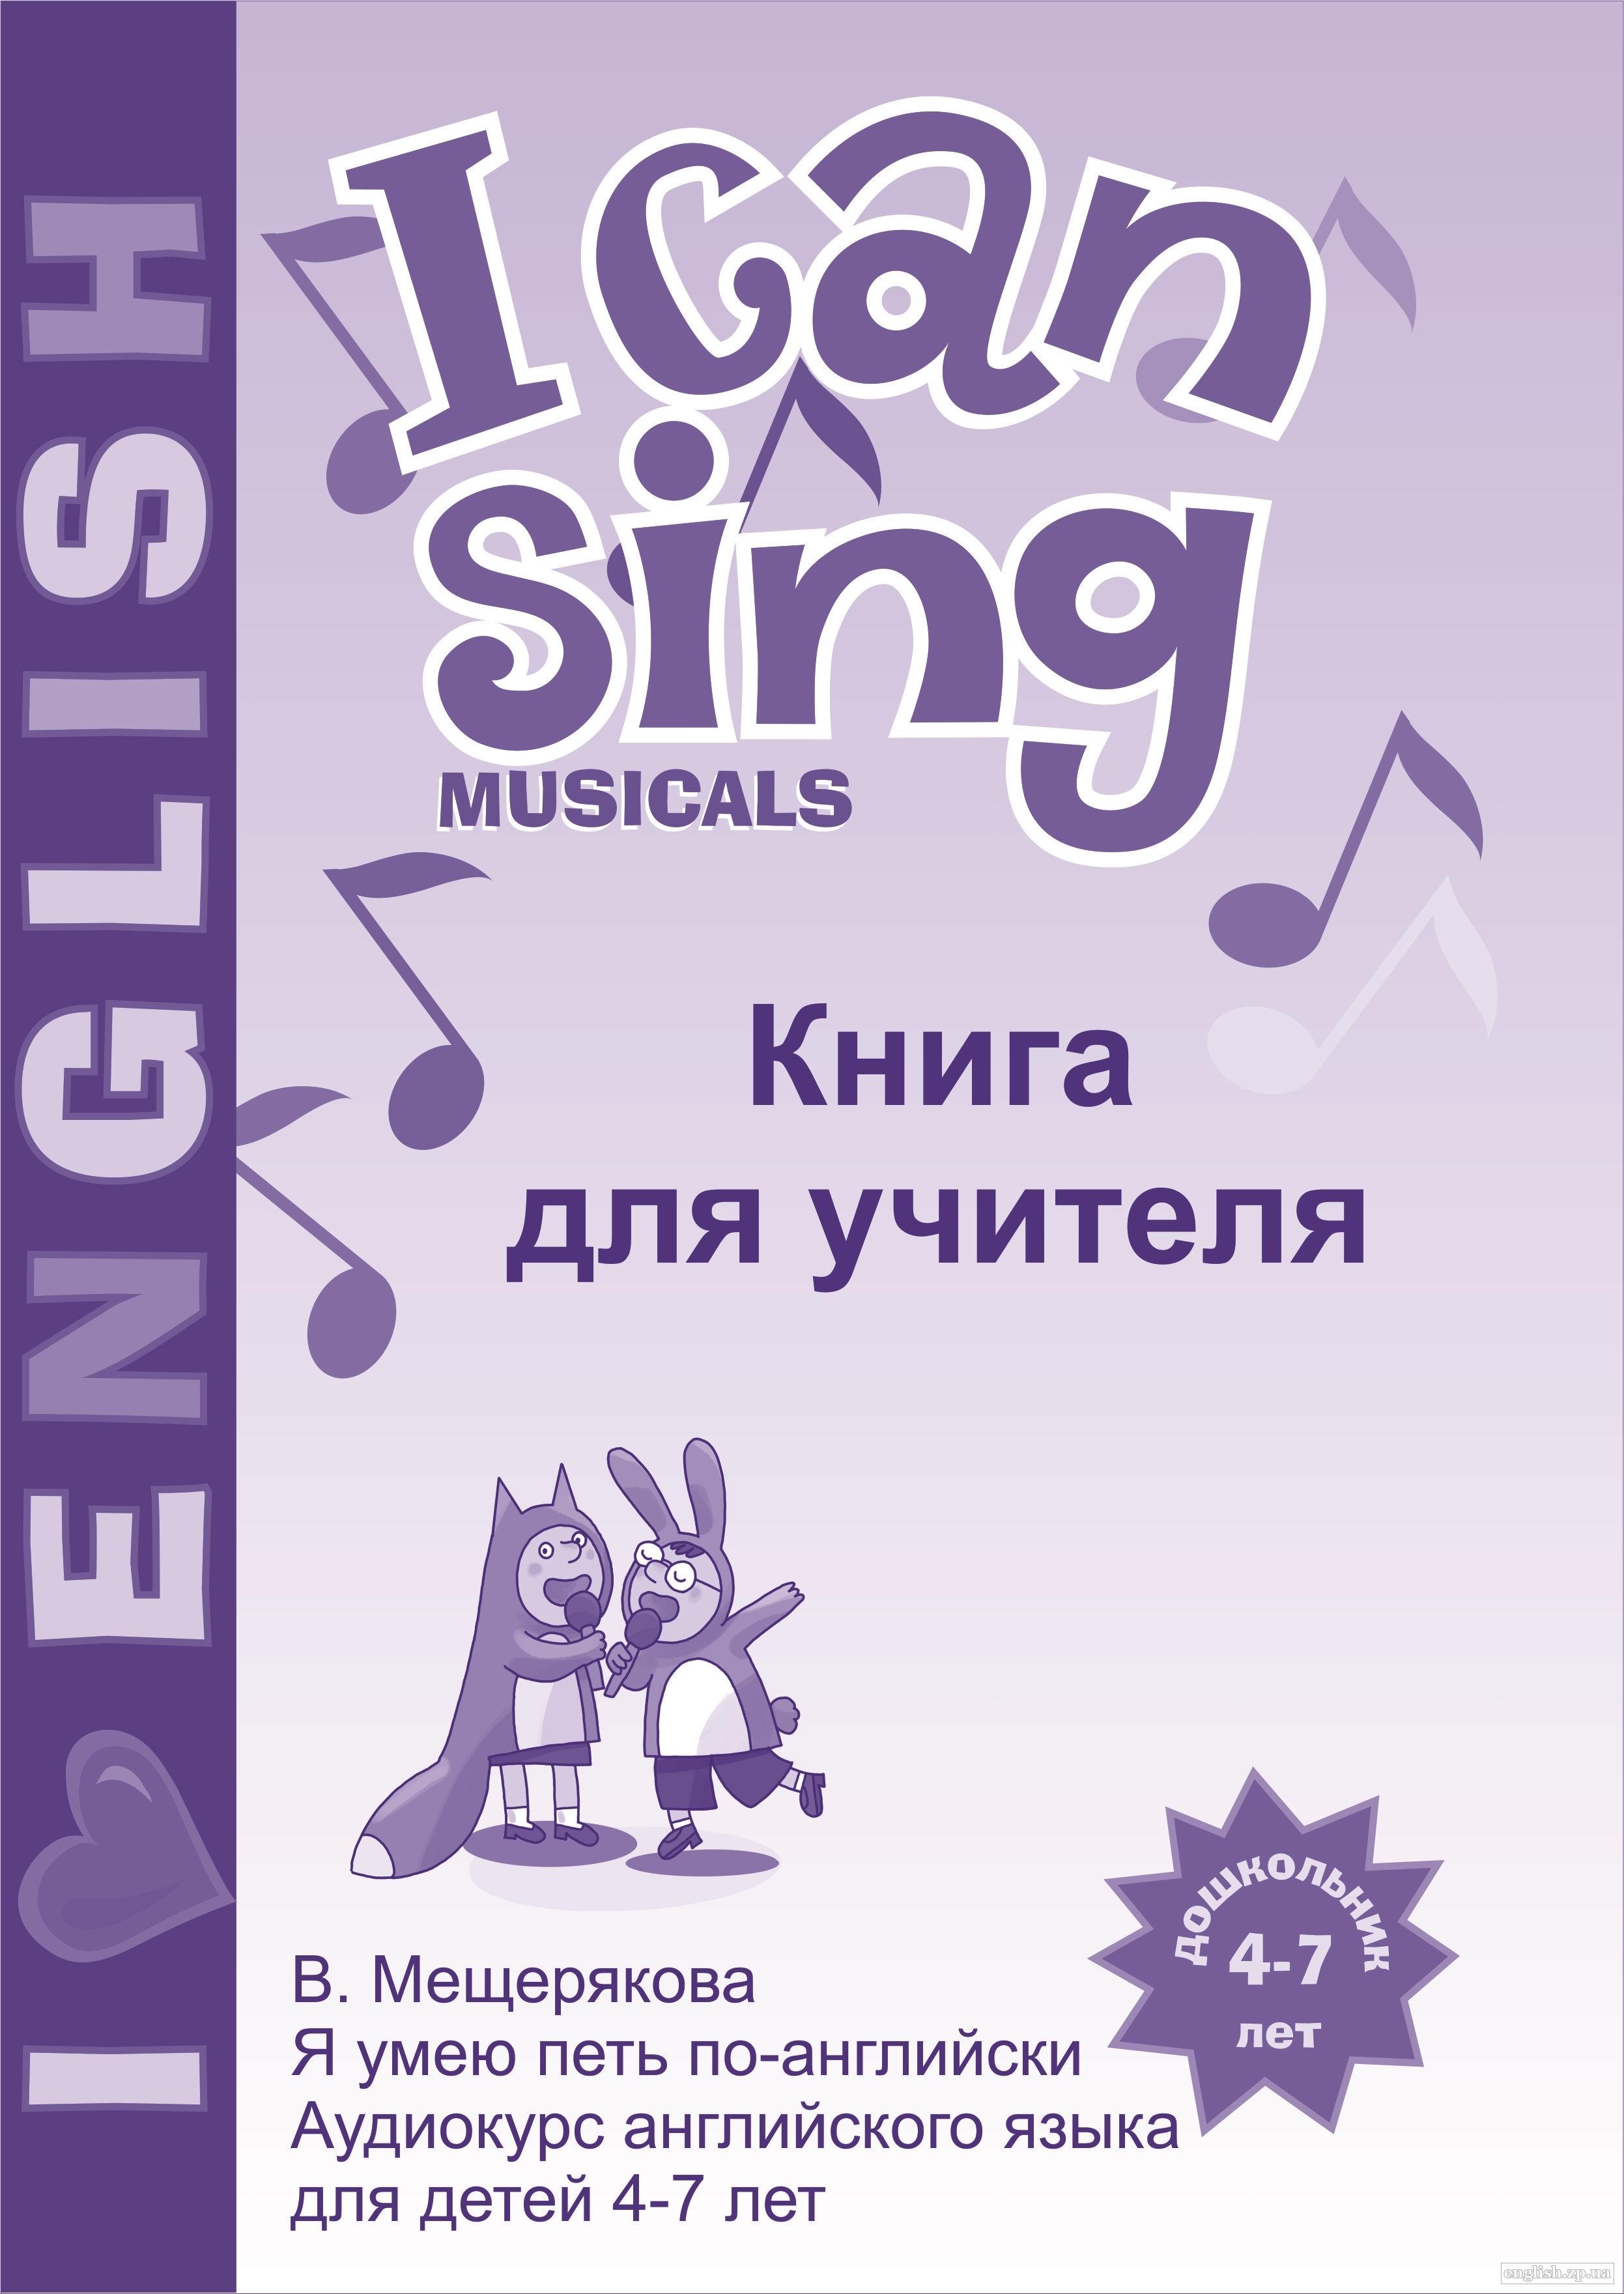 АНГЛИЙСКИЙ ДЛЯ ДЕТЕЙ МЕЩЕРЯКОВА I CAN SING СКАЧАТЬ БЕСПЛАТНО